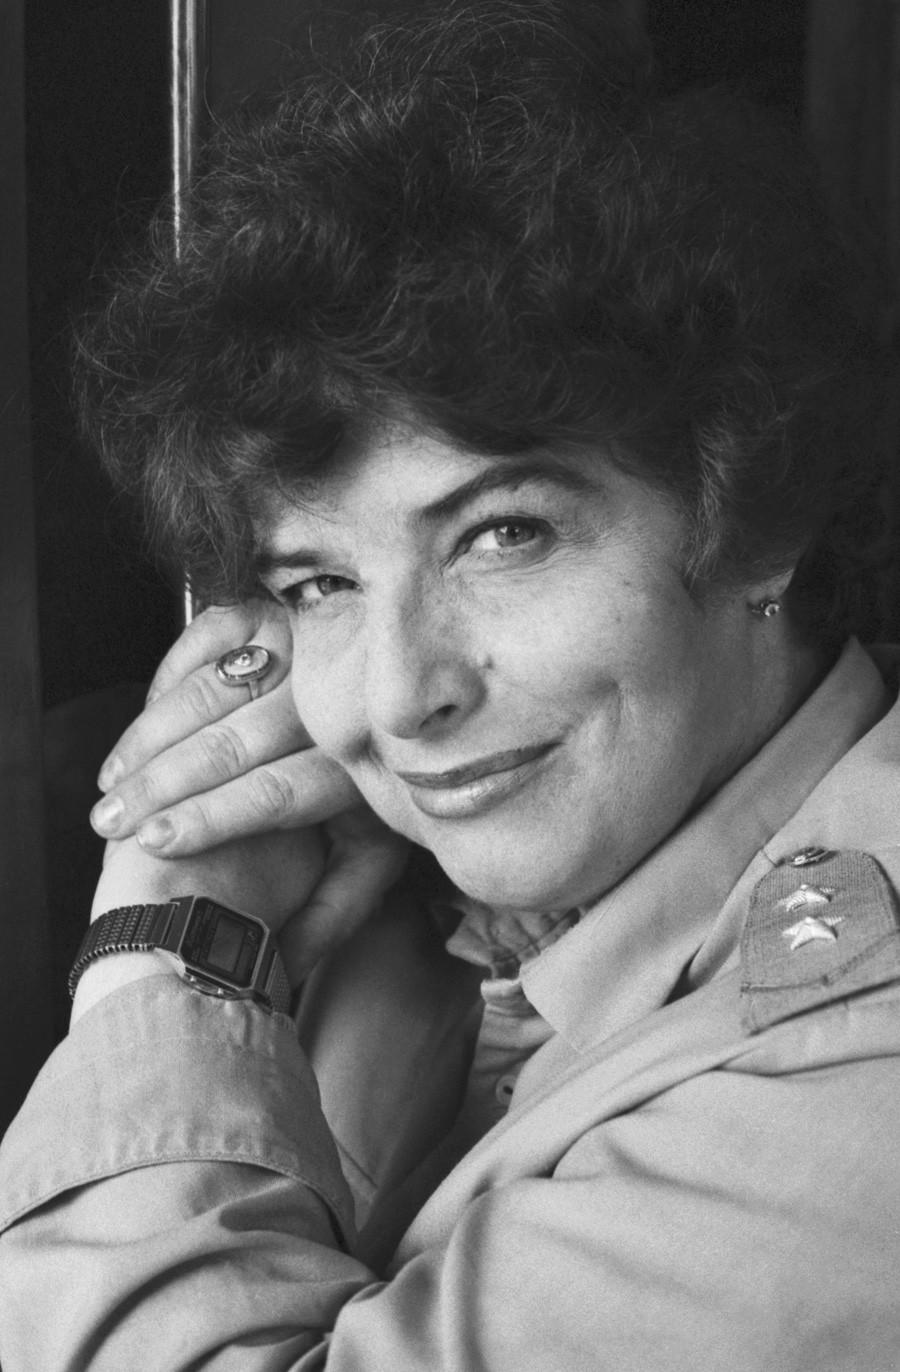 Tamara Arantchi, machiniste de 1re classe, décorée de l'Ordre d'honneur. 8 juin 1989